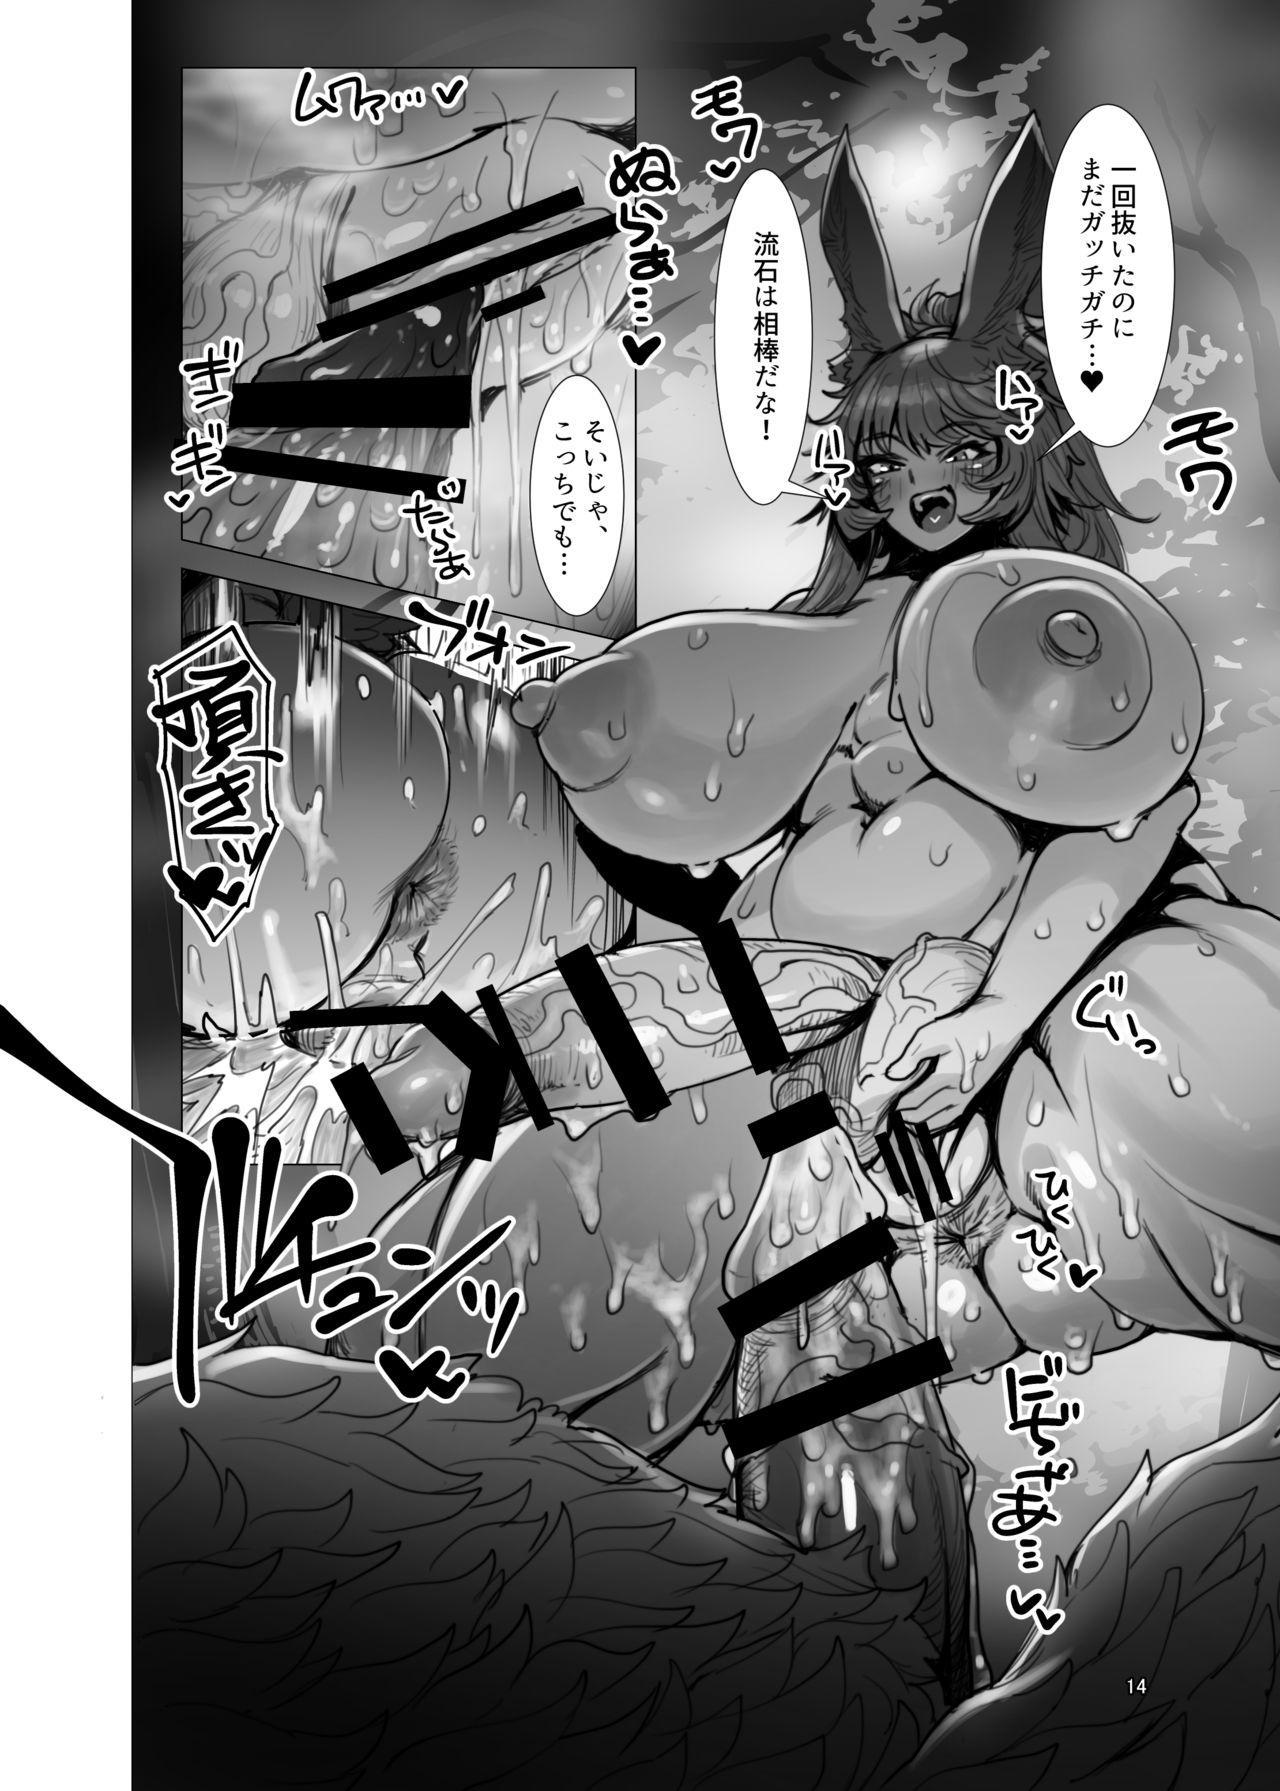 Souzou Mahou no Chottoshita Ouyou 13